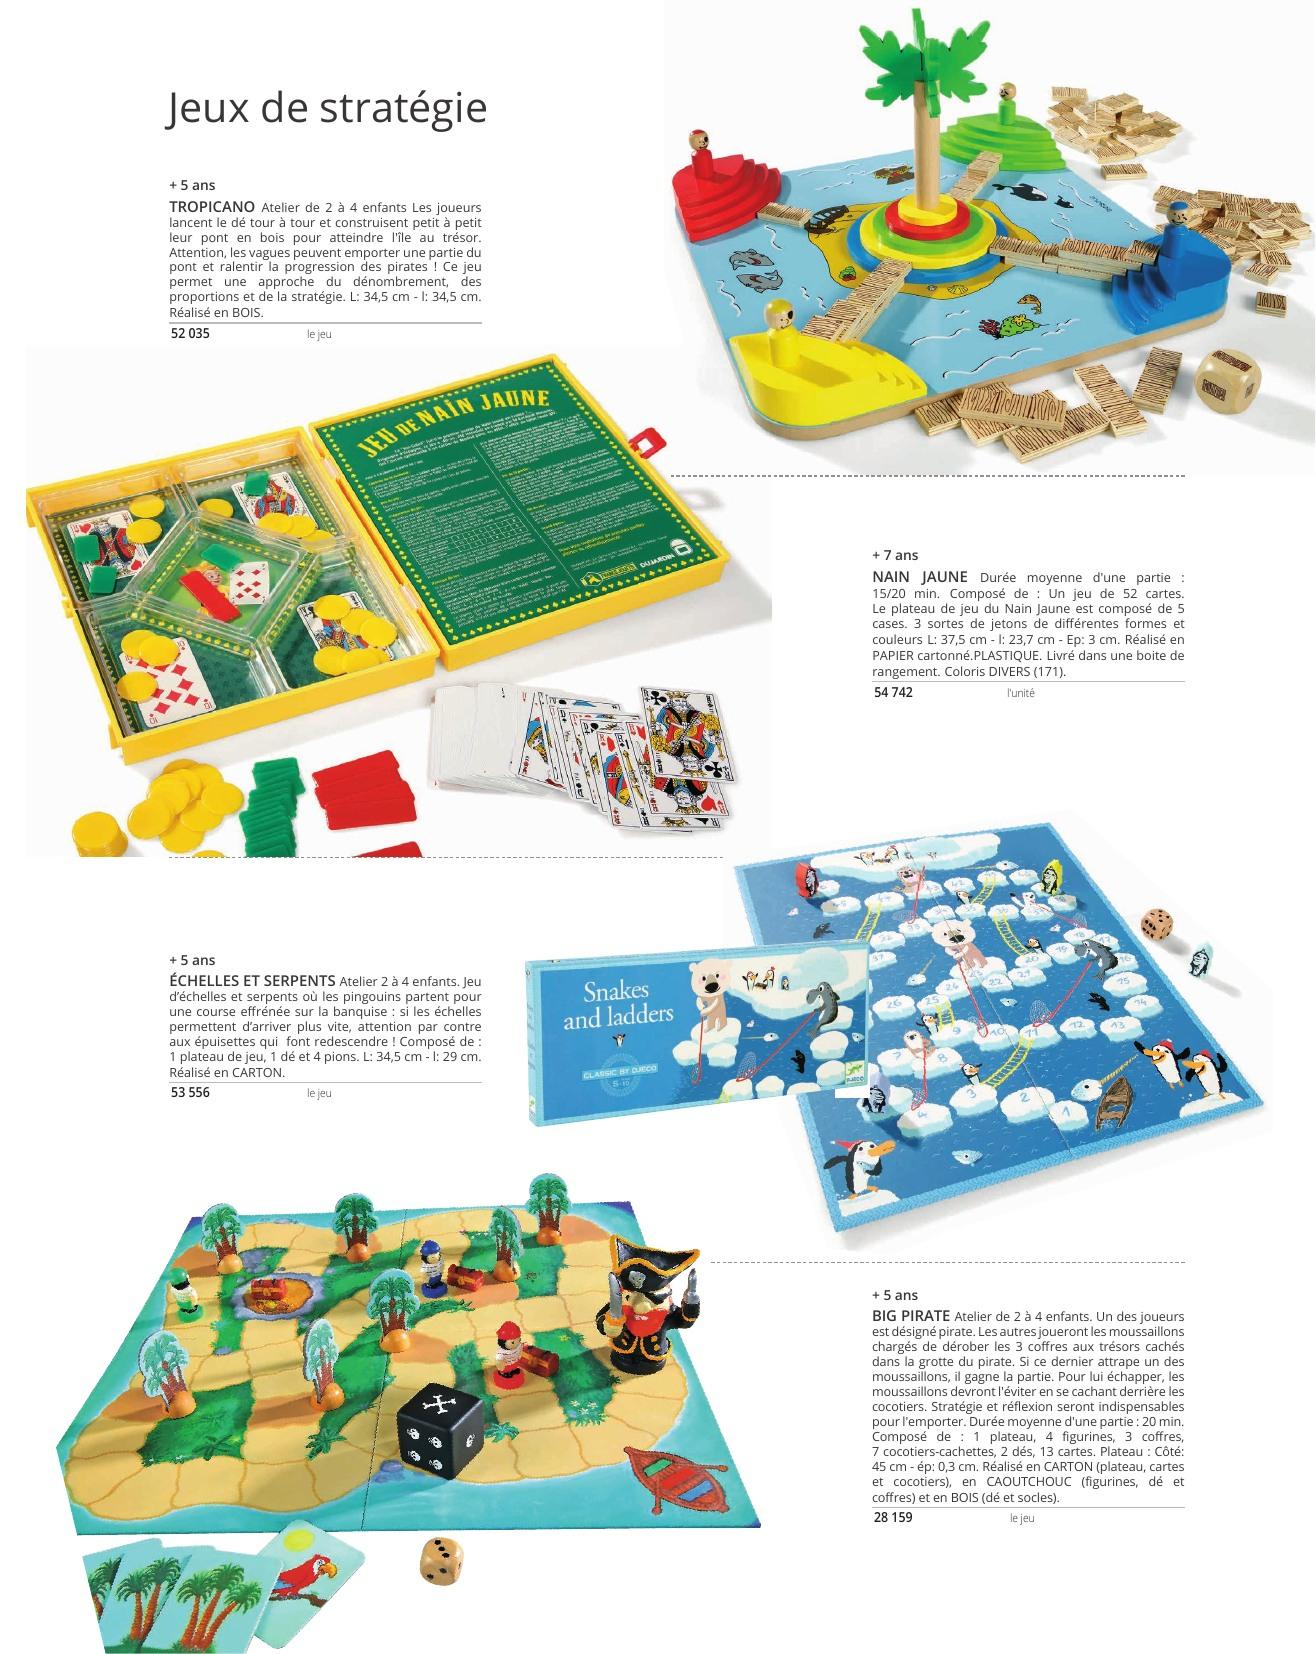 Wesco - Tout L'équipement Pour Les 0-12 Ans - 2019 - Sp encequiconcerne Jeux Enfant 7 Ans